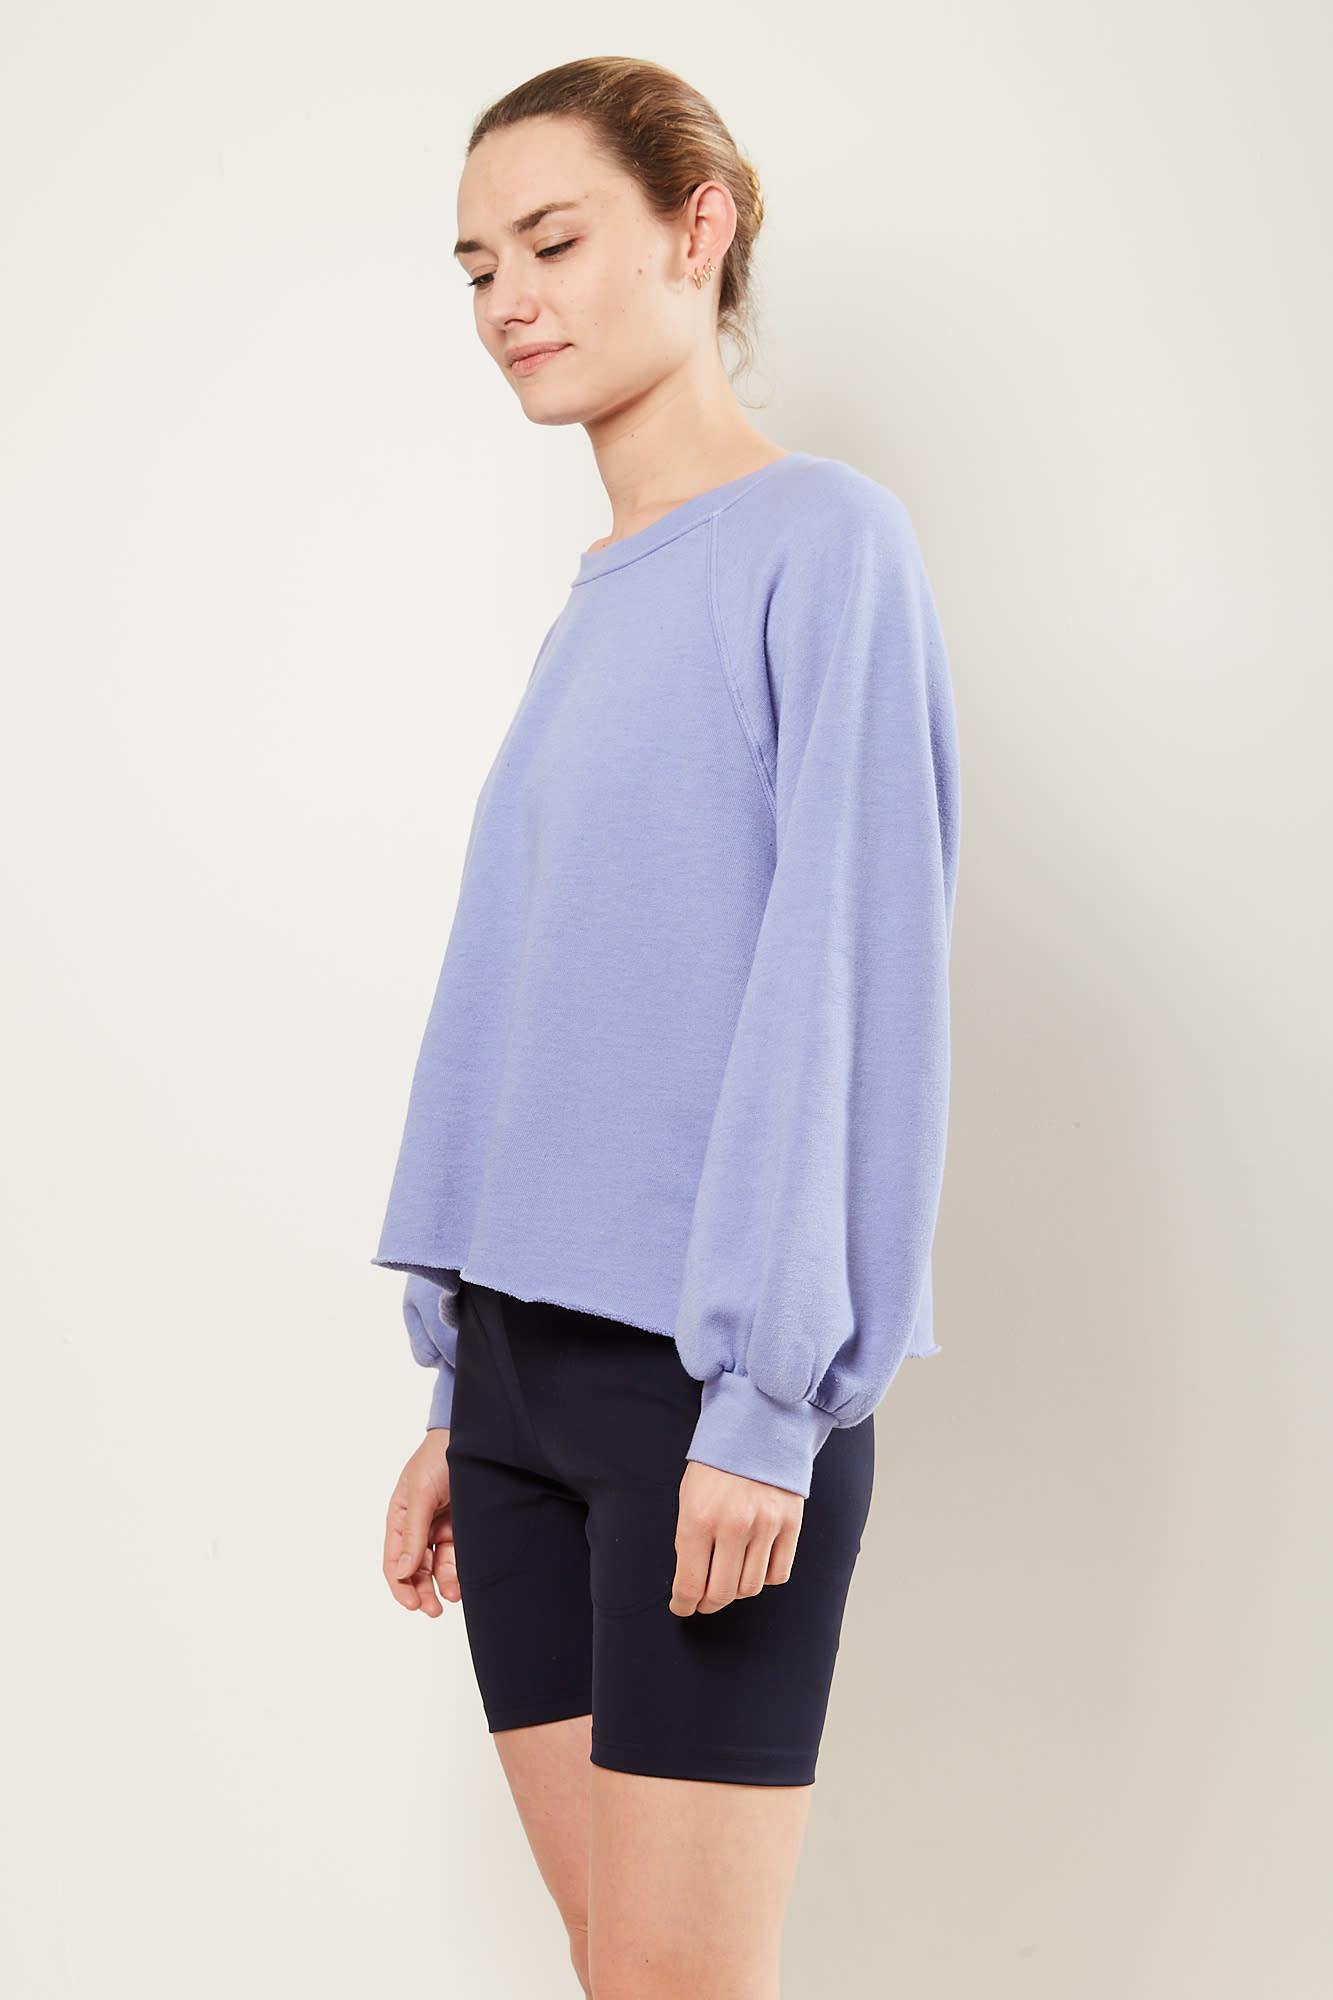 Xirena - Dutch sweatshirt sea